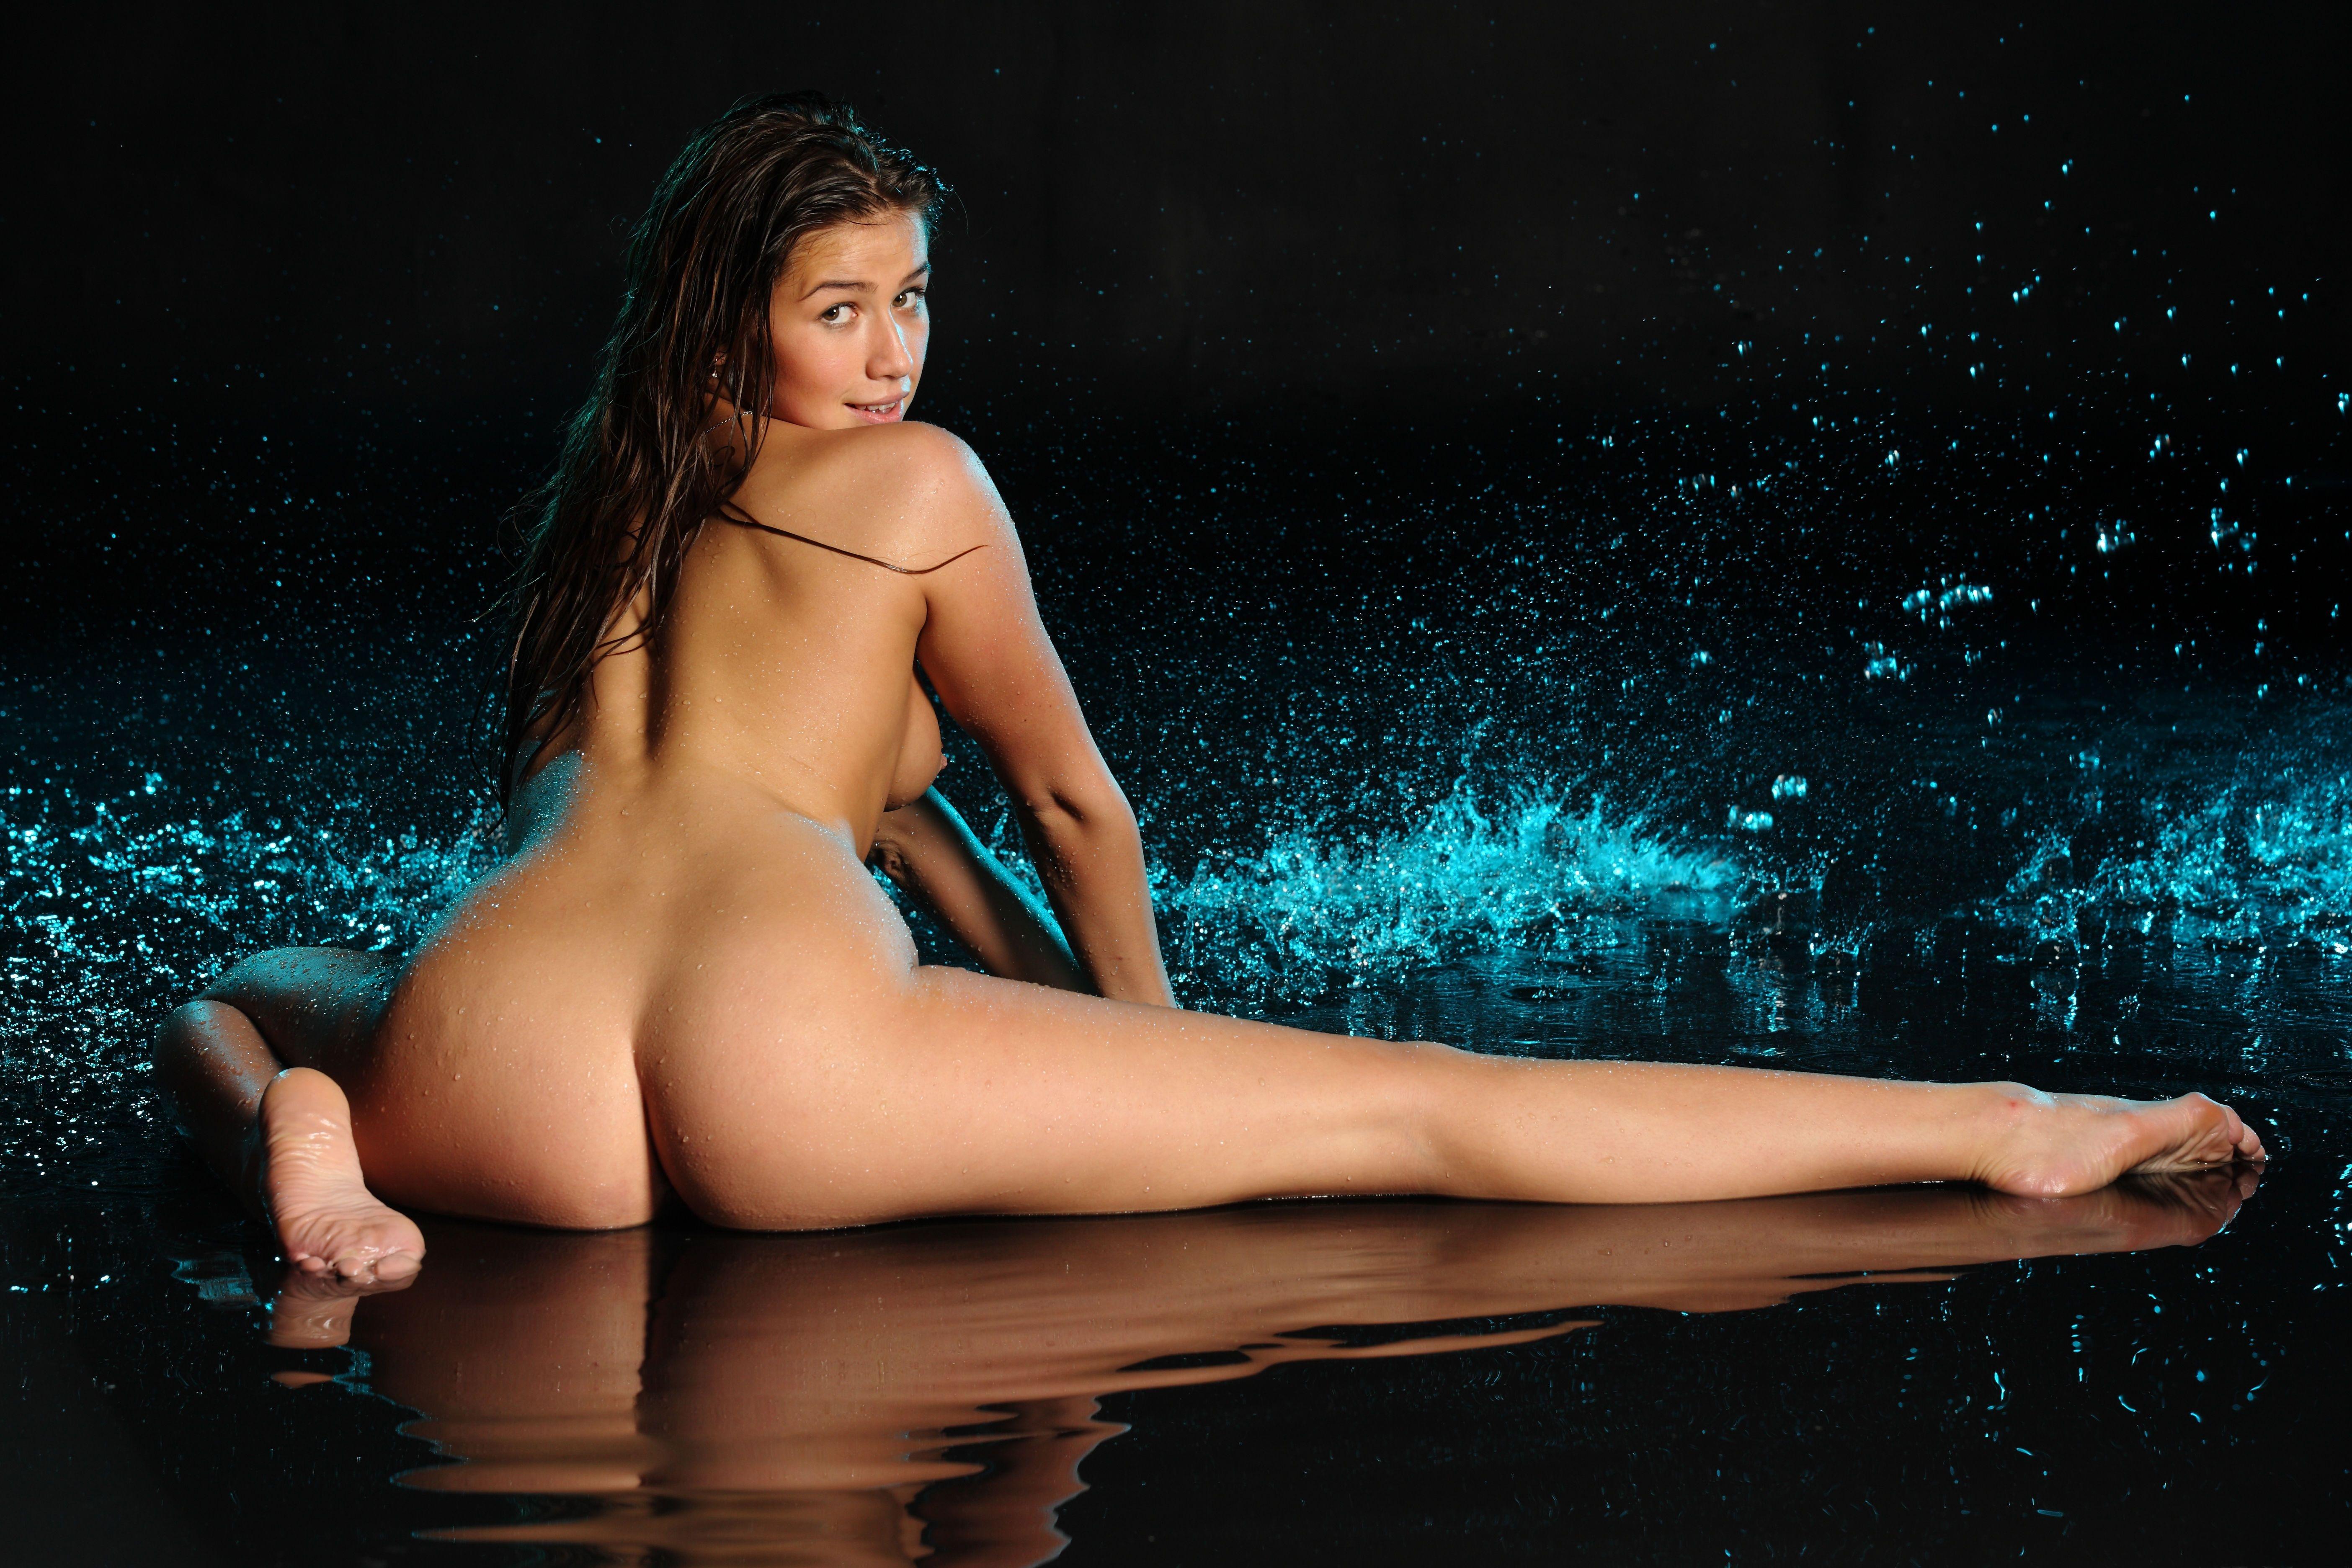 Фото голых девушек обои на рабочий стол 5 фотография